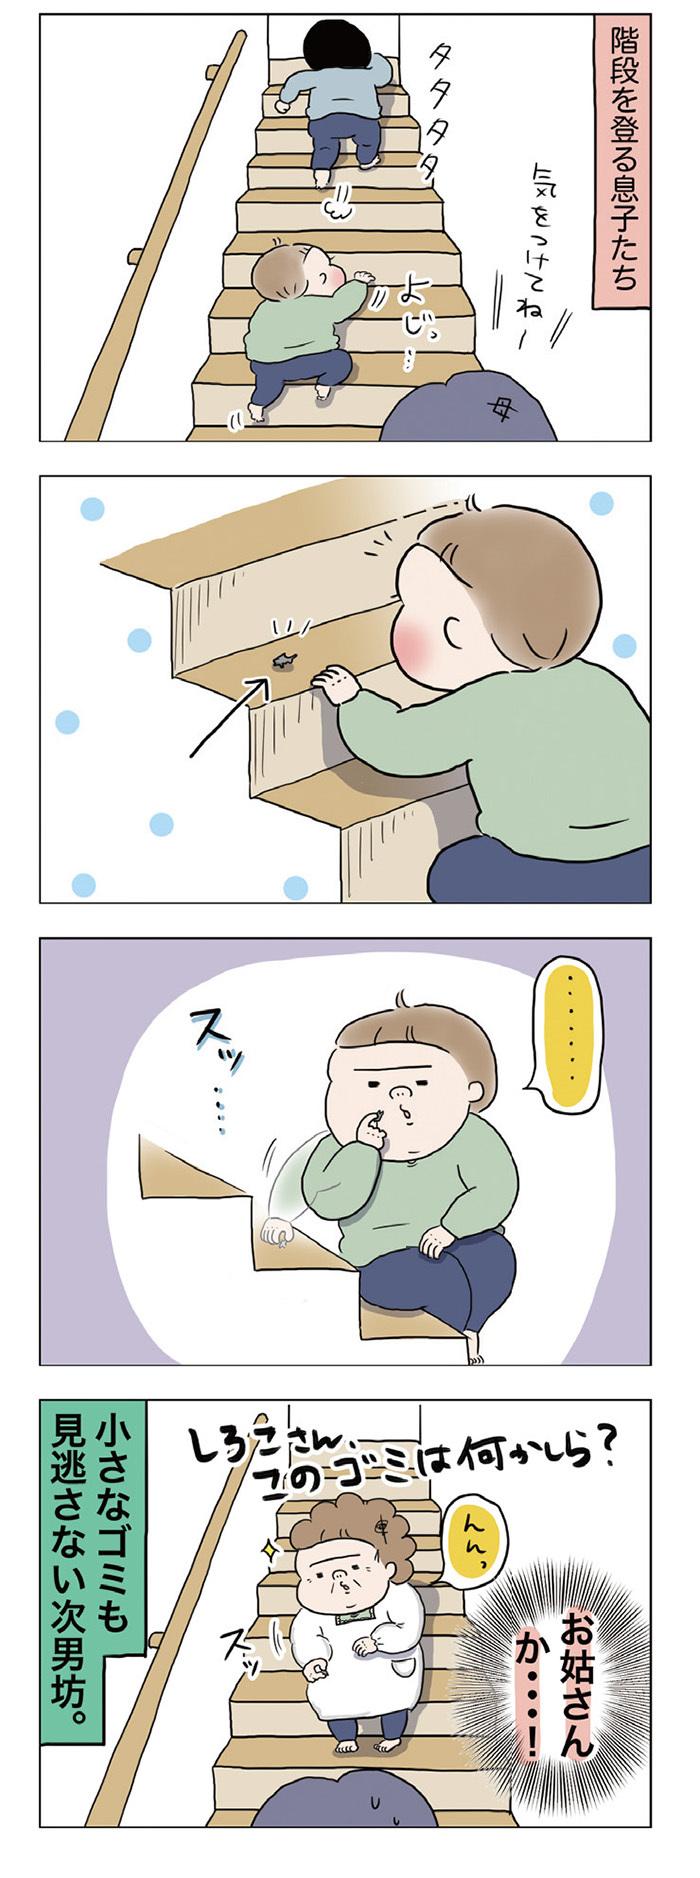 移動は常にジャンプ&ダッシュ(笑)理解不能で愛しい兄弟のやりとり♡の画像1